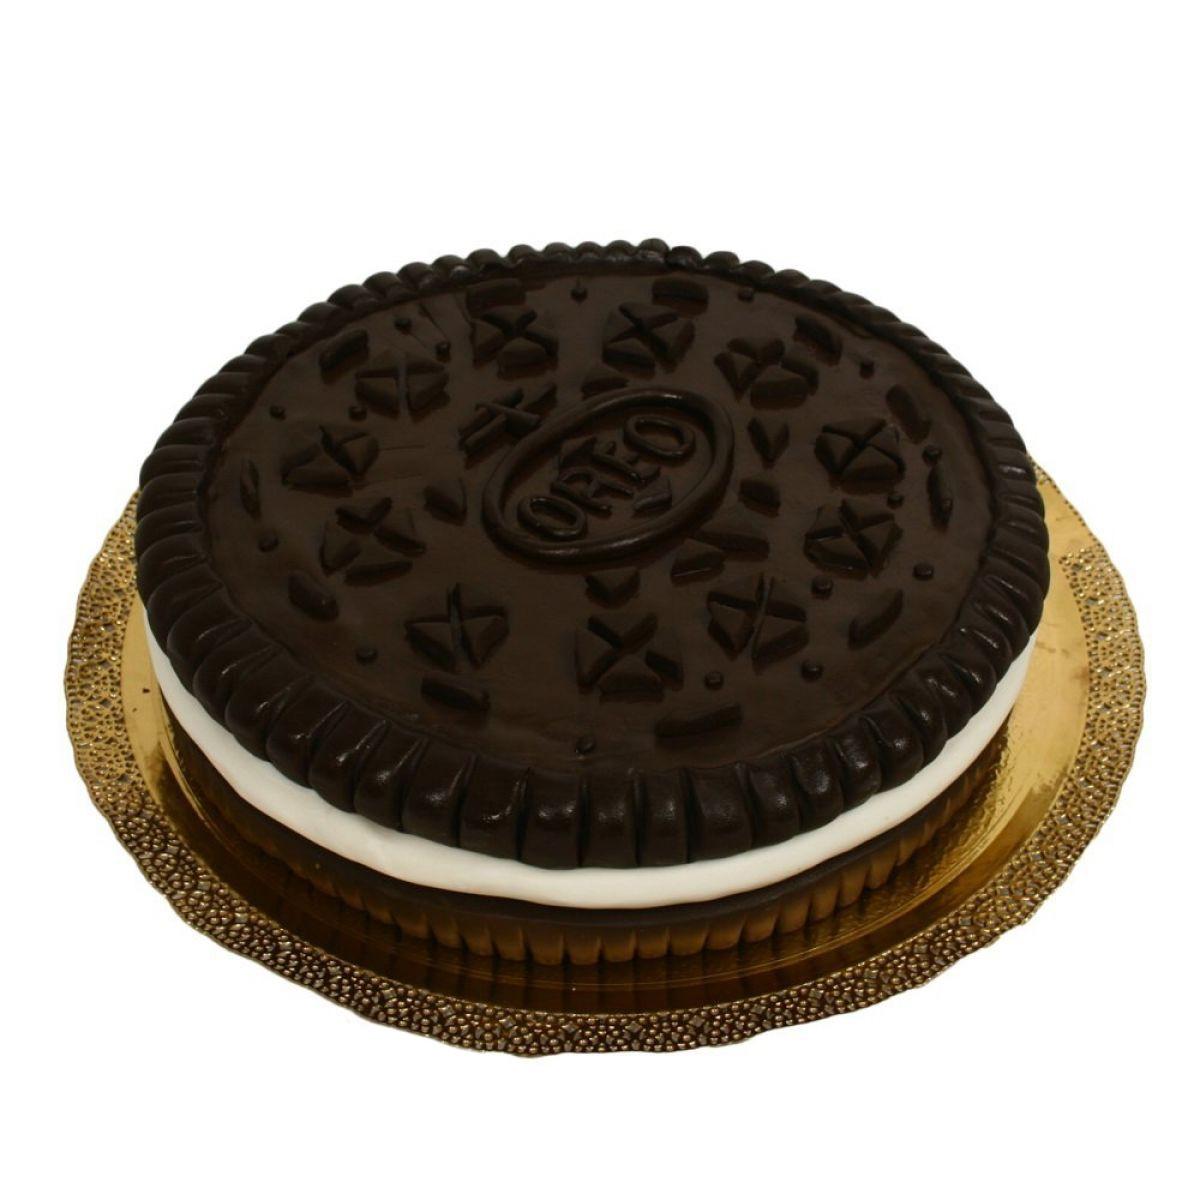 №1077 Торт орео